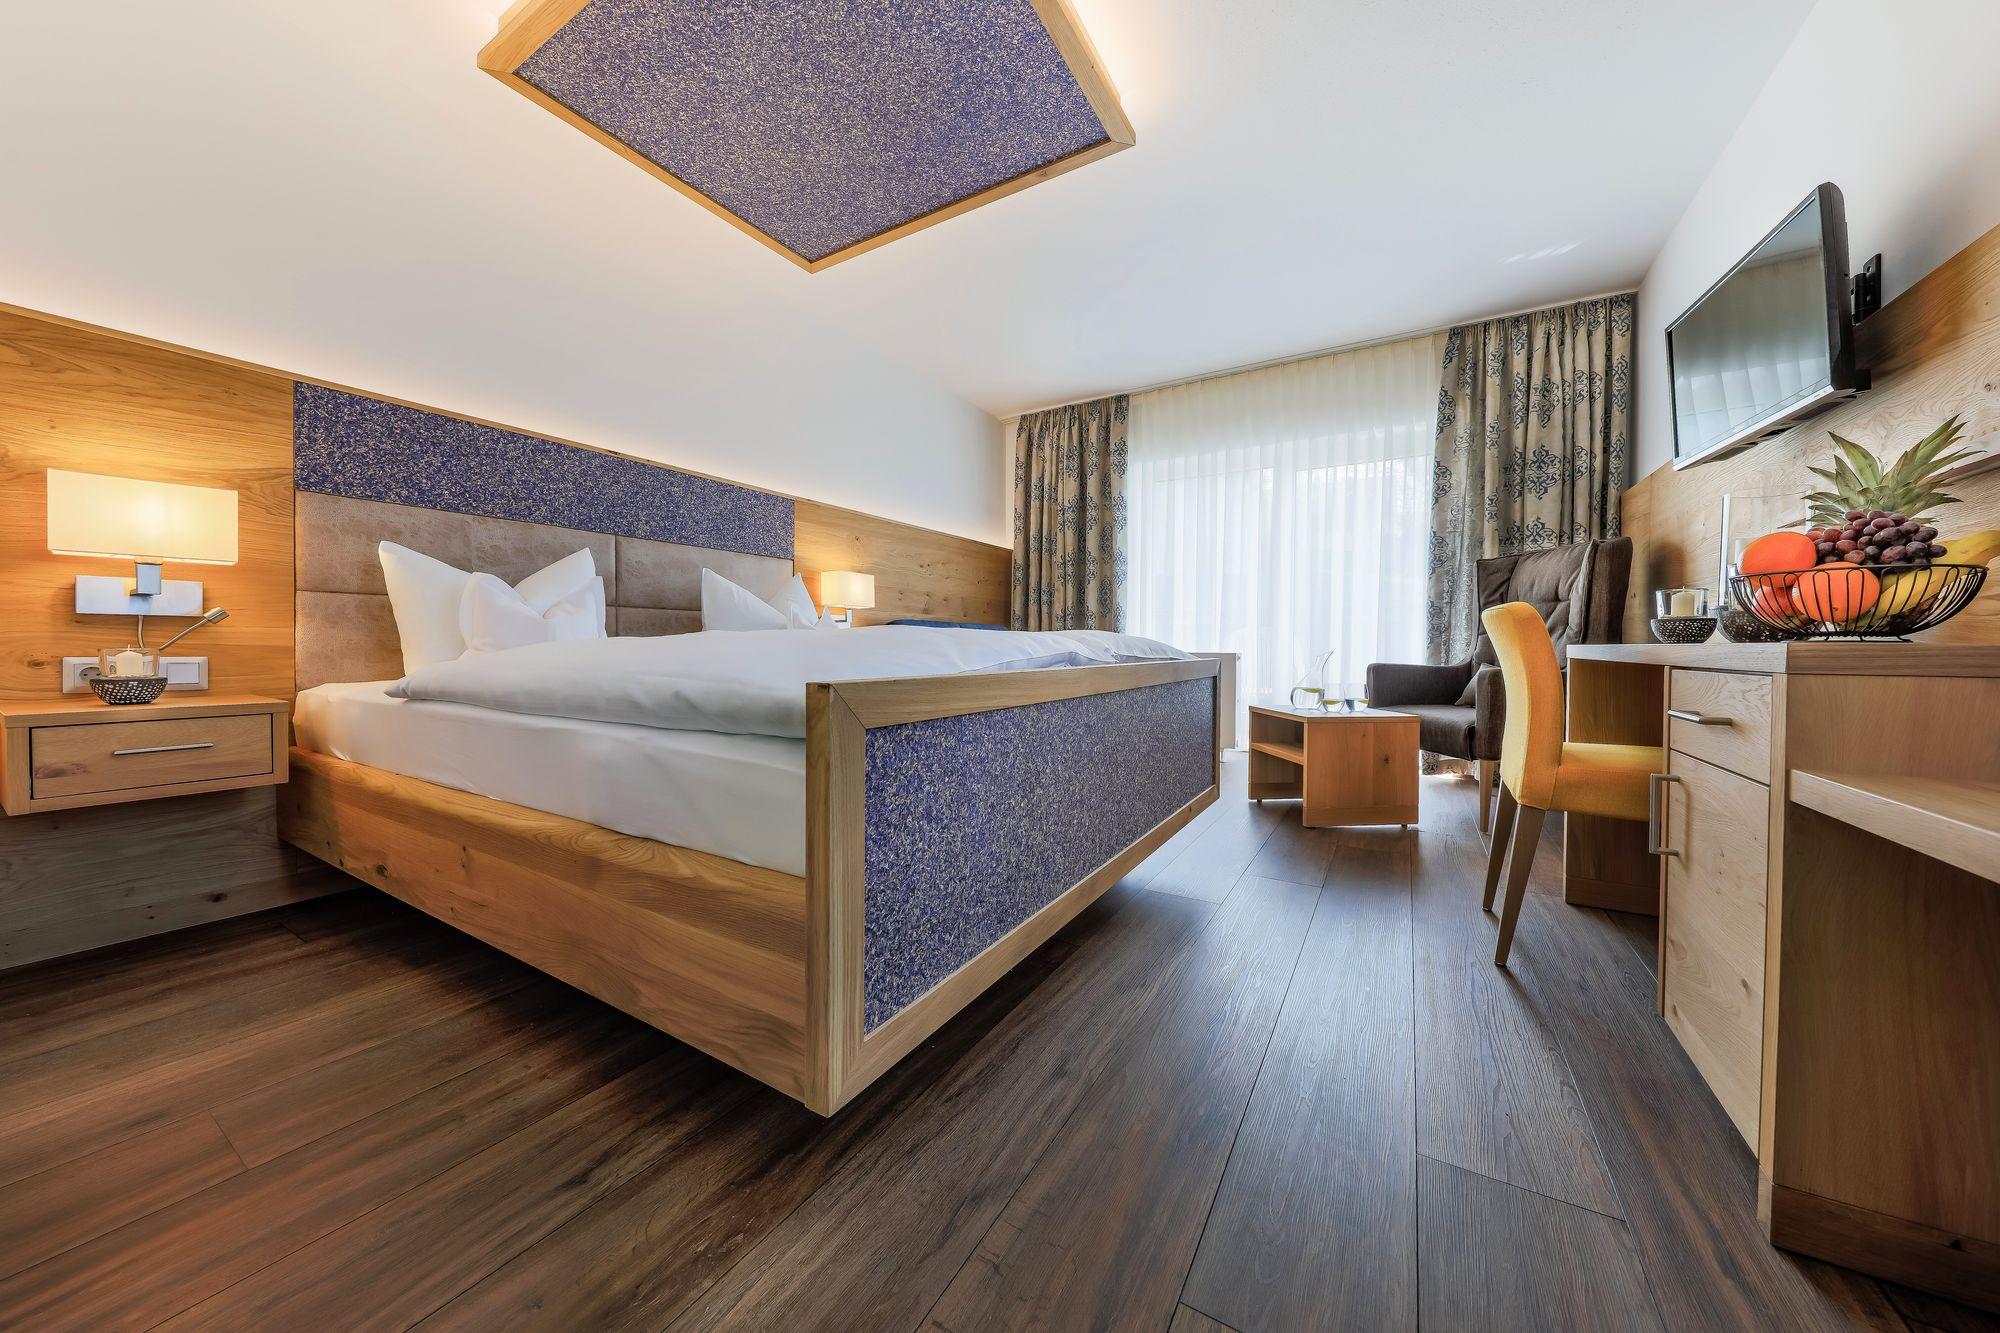 https://www.hotelbinder.de/wp-content/uploads/doppelzimmer2_3.jpg